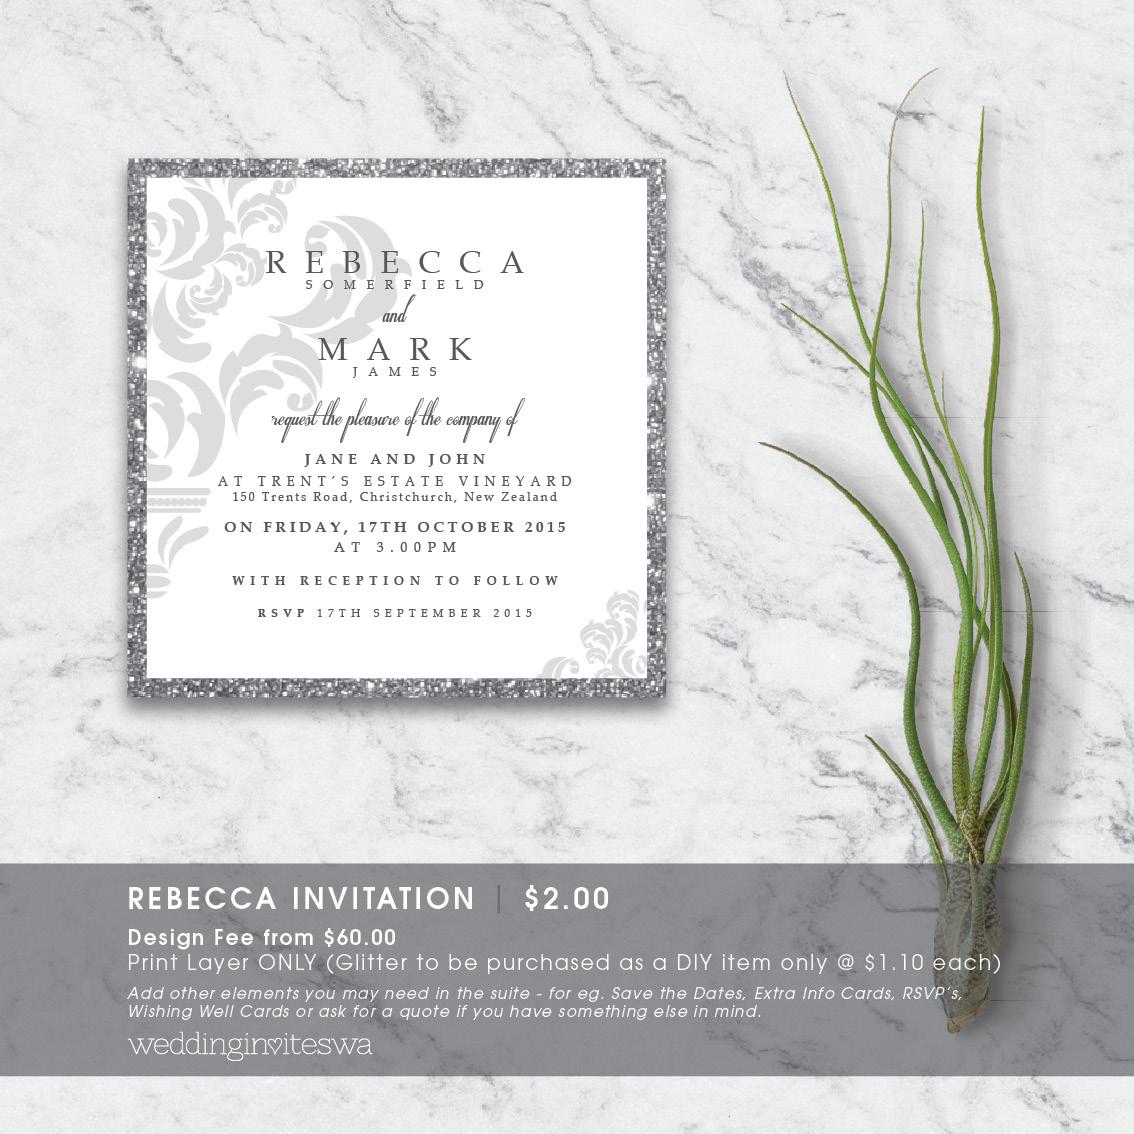 REBECCA_invite